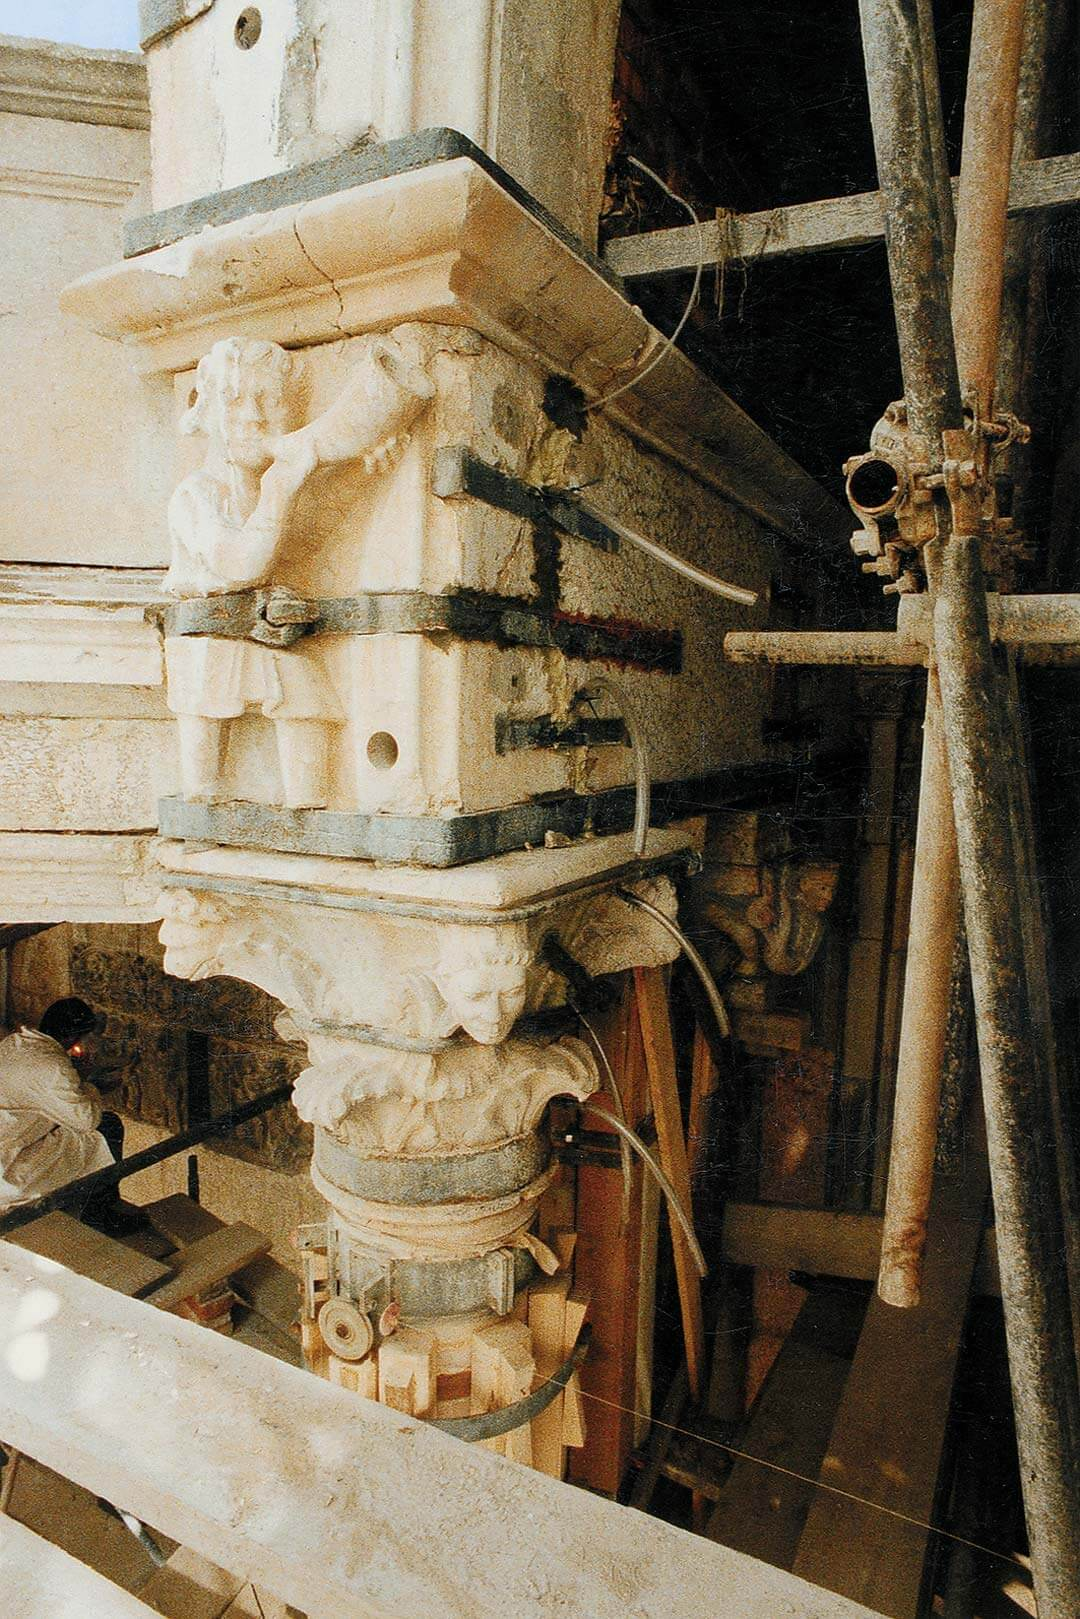 Consolidamento piattabanda. Cinturazioni in ferro risalenti all'intervento del Voghera nel 1836